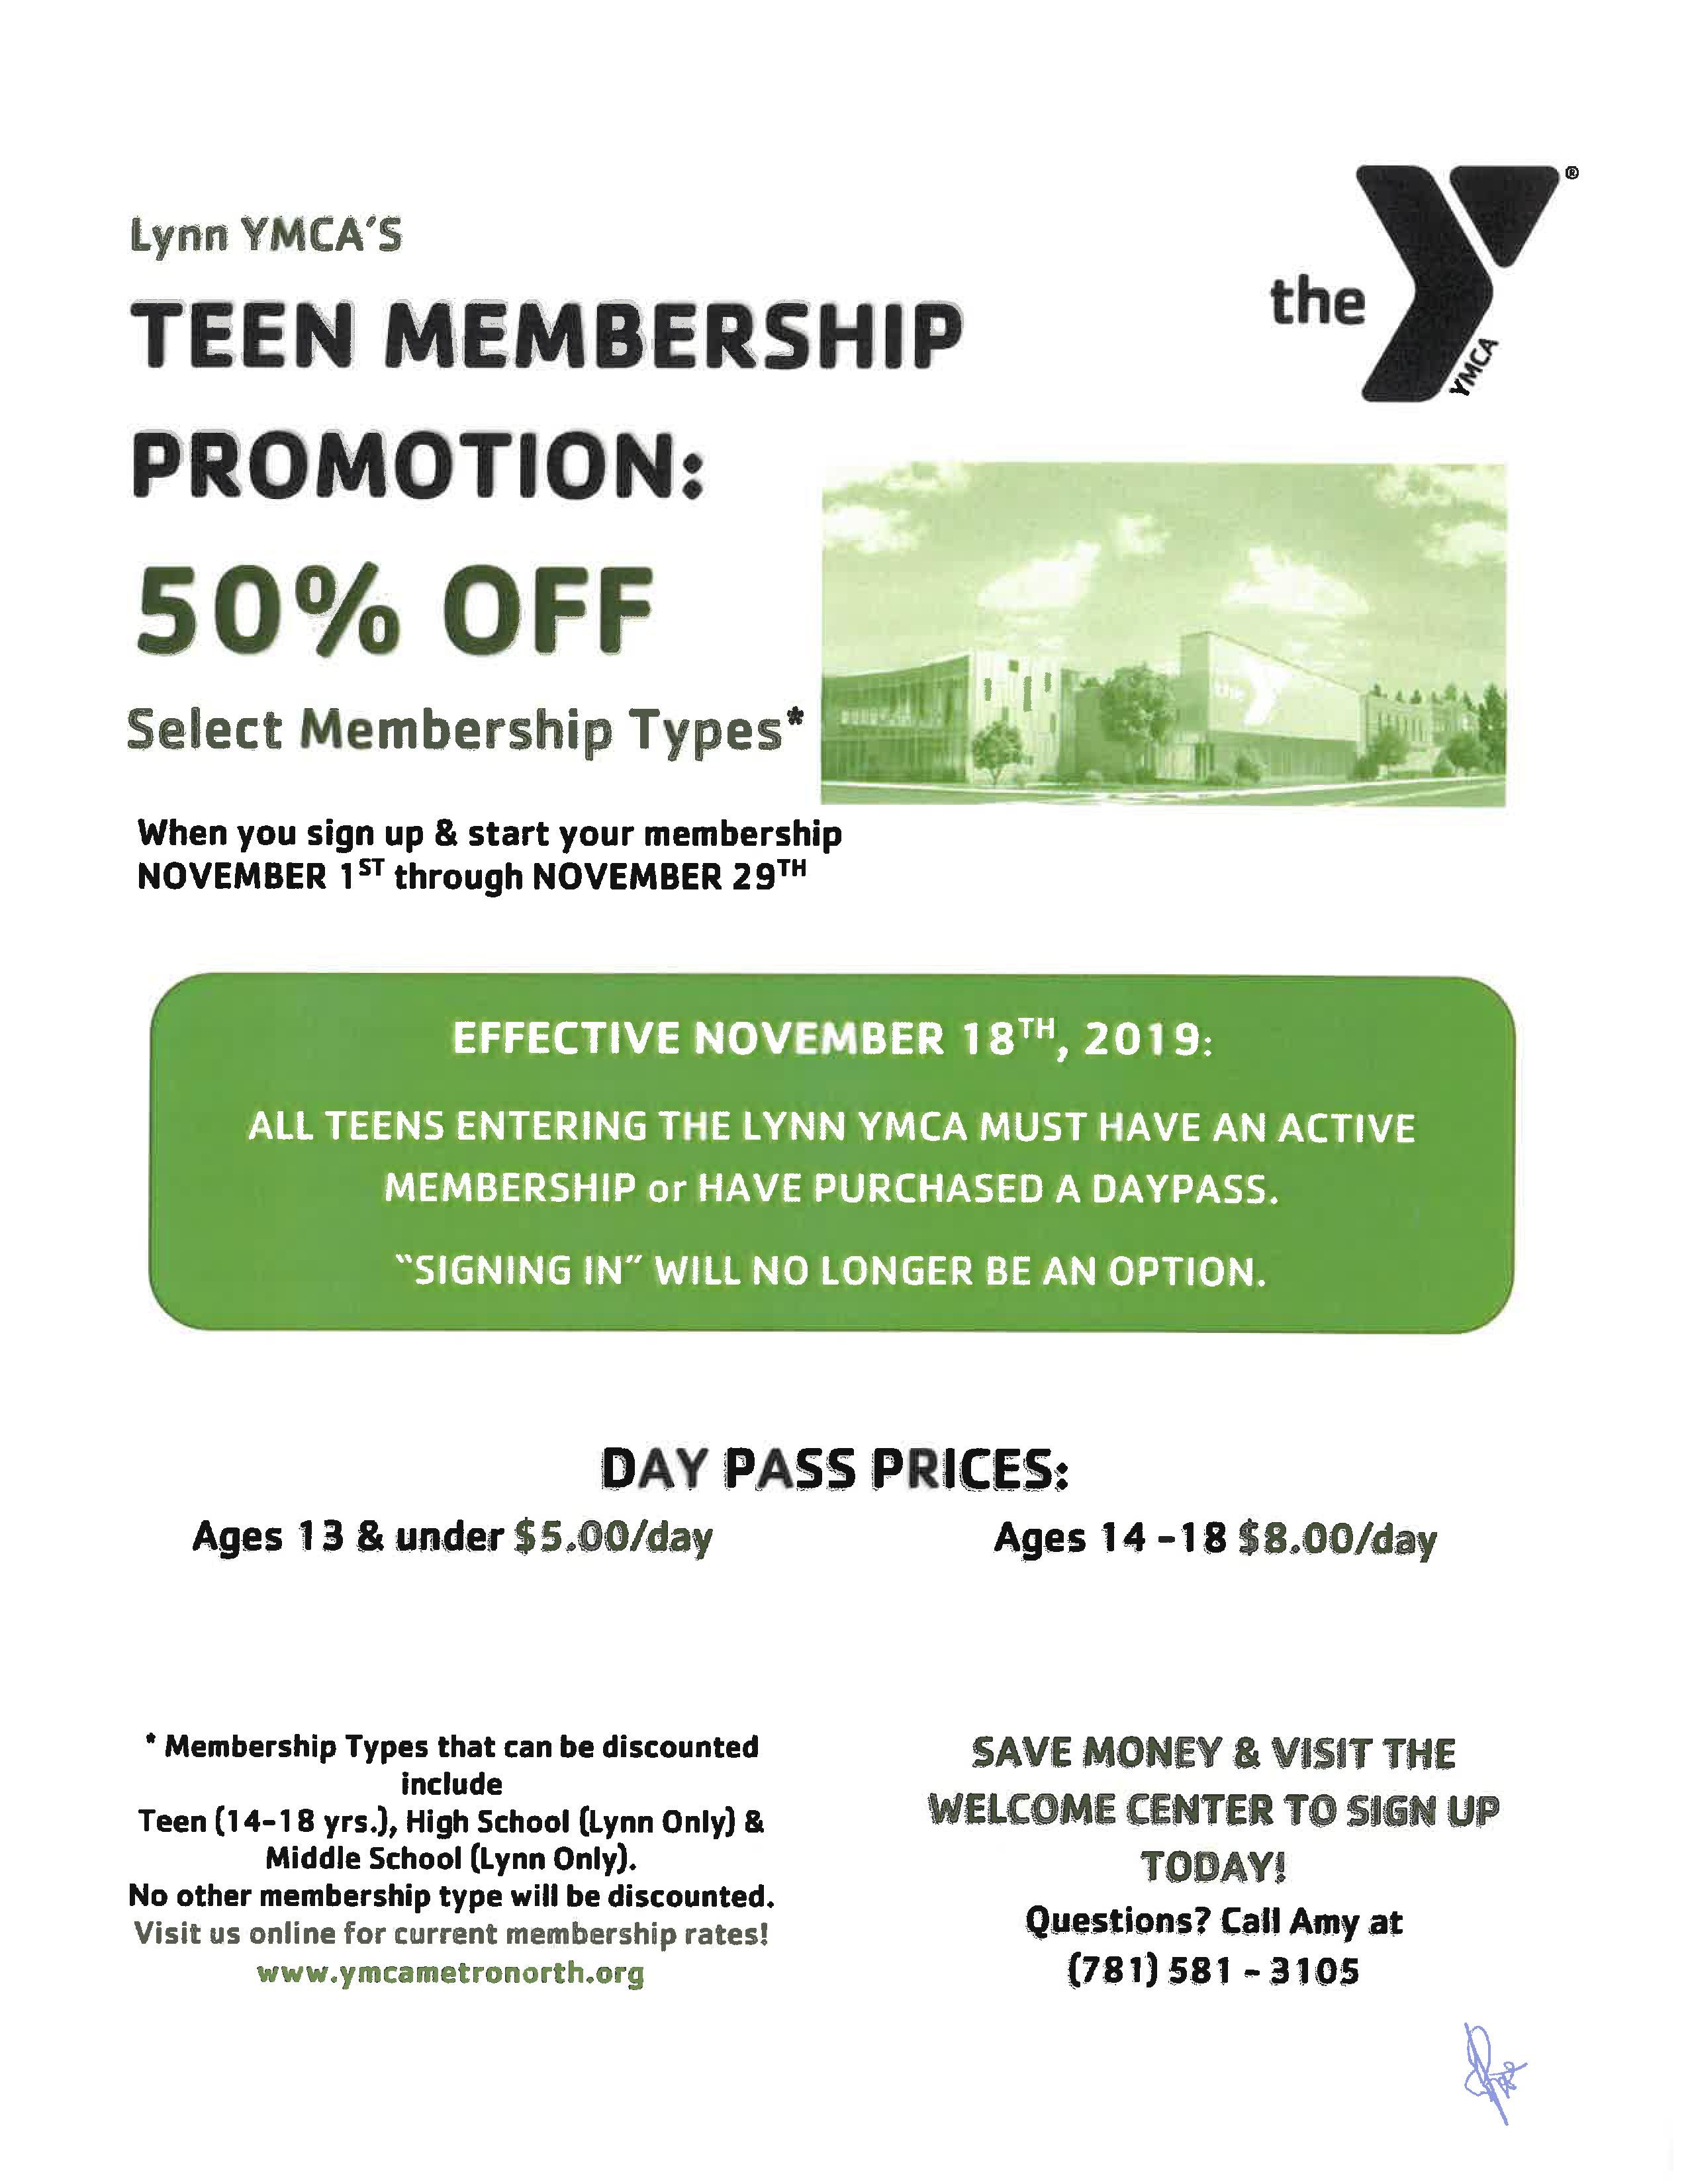 YMCA-Teen-Membership-Promotion.jpg